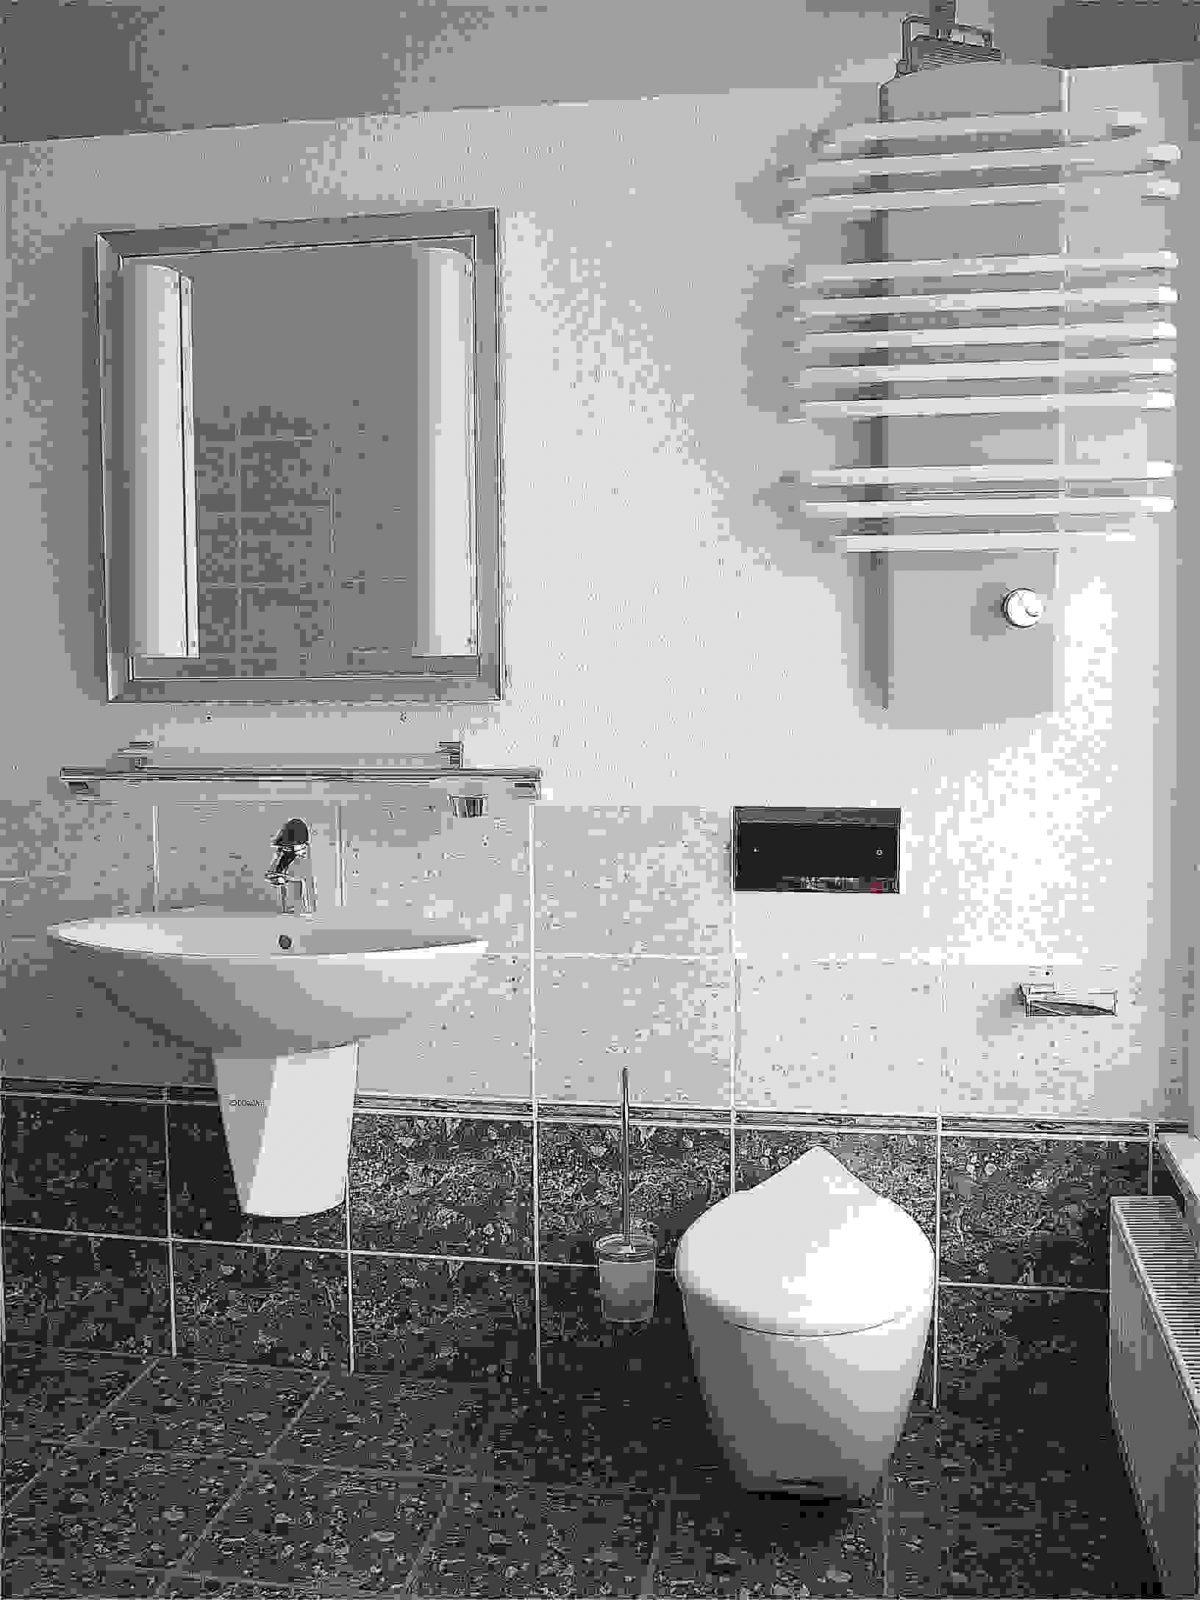 Badezimmer Ausstellung Nrw  Almo Drg von Badezimmer Ausstellung Nrw Photo